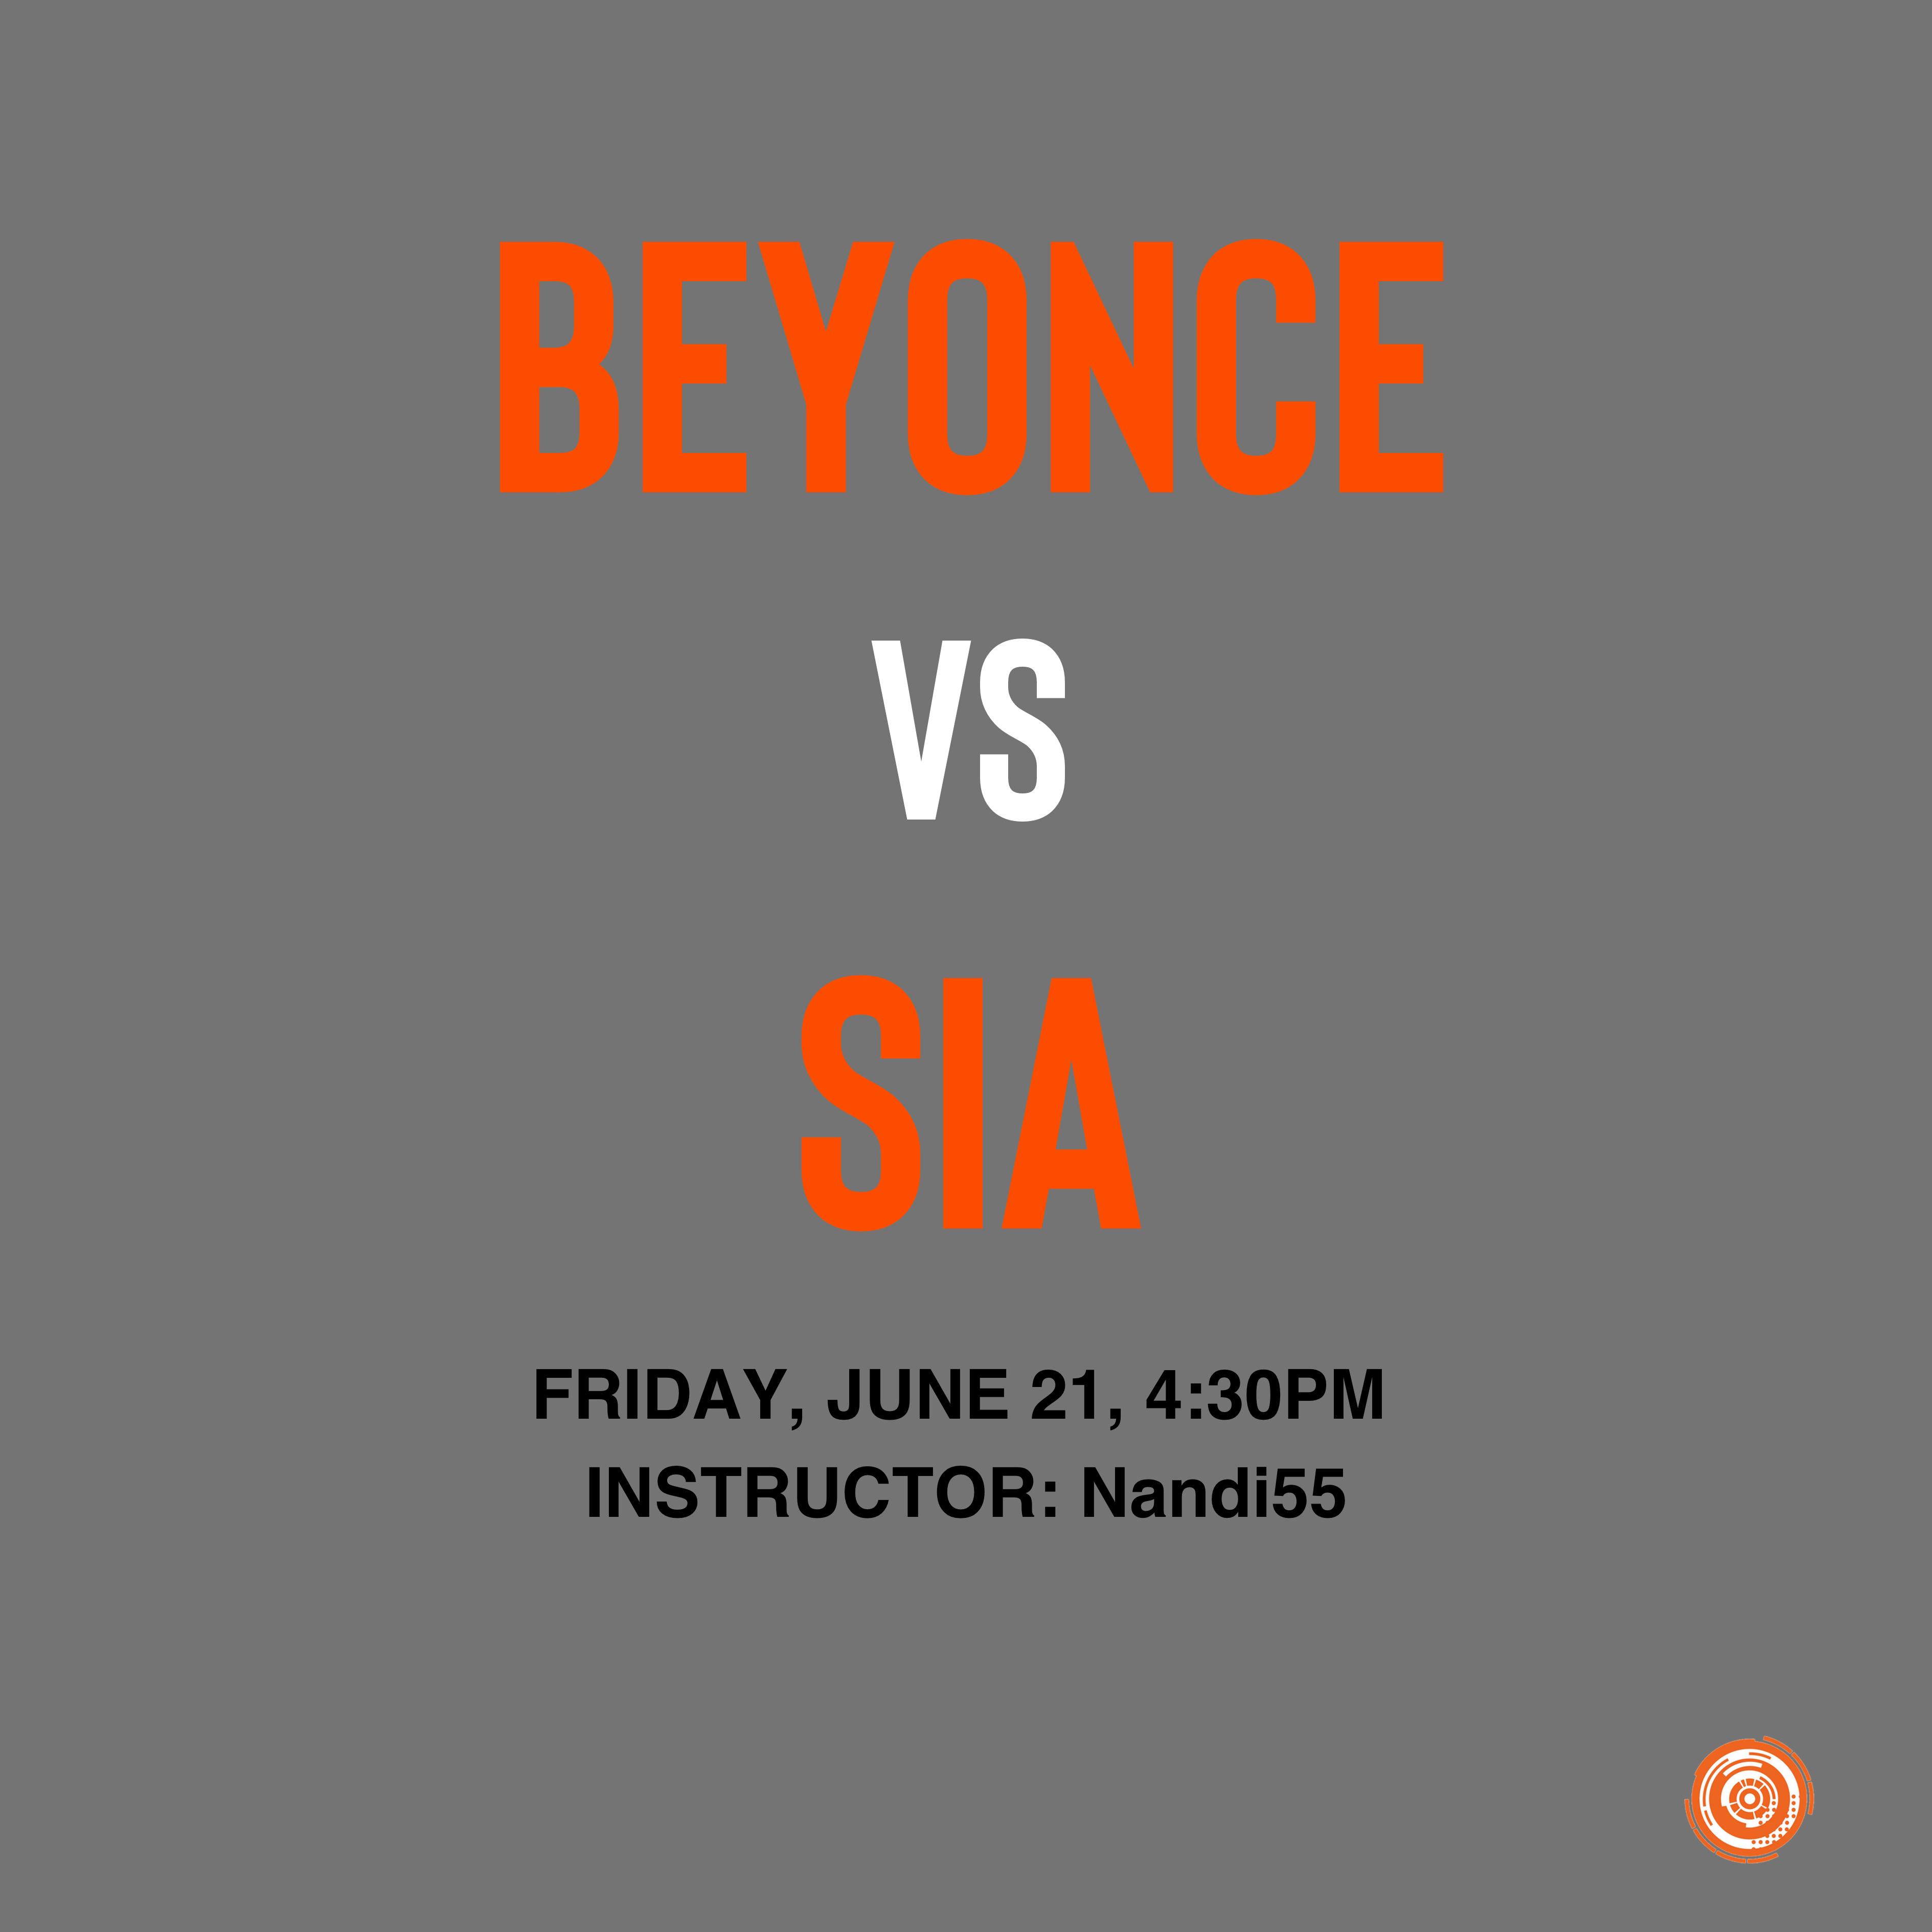 Beyonce vs Sia